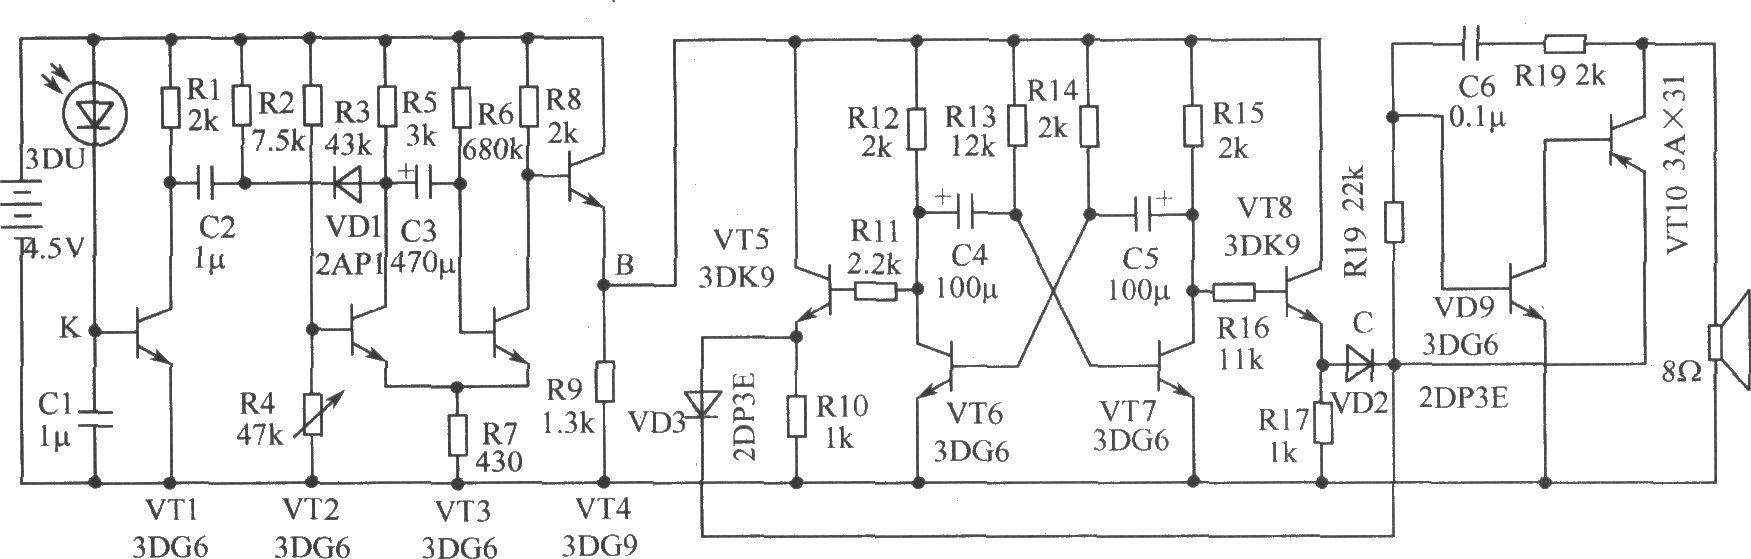 如图所示电路为电子鸟唱歌悦耳动听电路原理图。该电子鸟具有触摸、光控两种触发形式,它可发出时高时低的两种音响的鸟叫声,宛如一对黄雀歌唱,煞是悦耳动听。元器件选择:VT1~VT10均可选为30~50的管子,但VT4与VT7,VT5与VT8特性应对称(主要是与IC要一致)。两个振荡器要正确无误地选择元件。